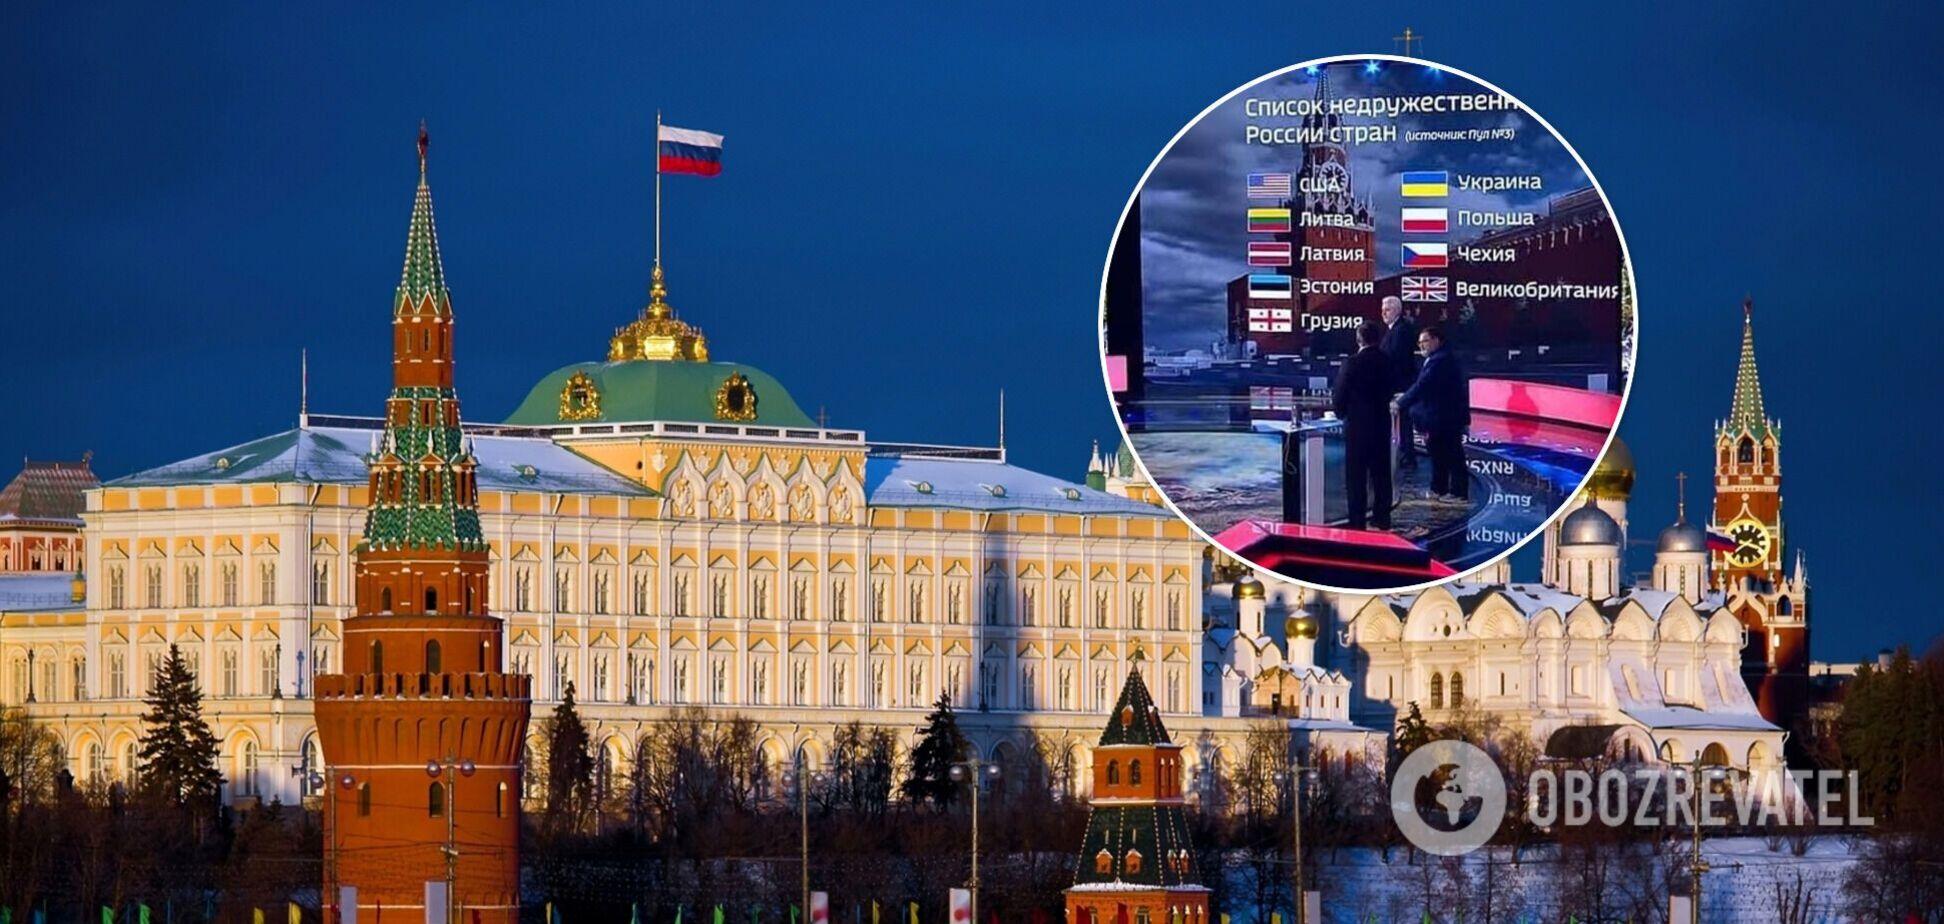 Пропагандисты показали список 'недружественных' России стран: Украина оказалась рядом с США